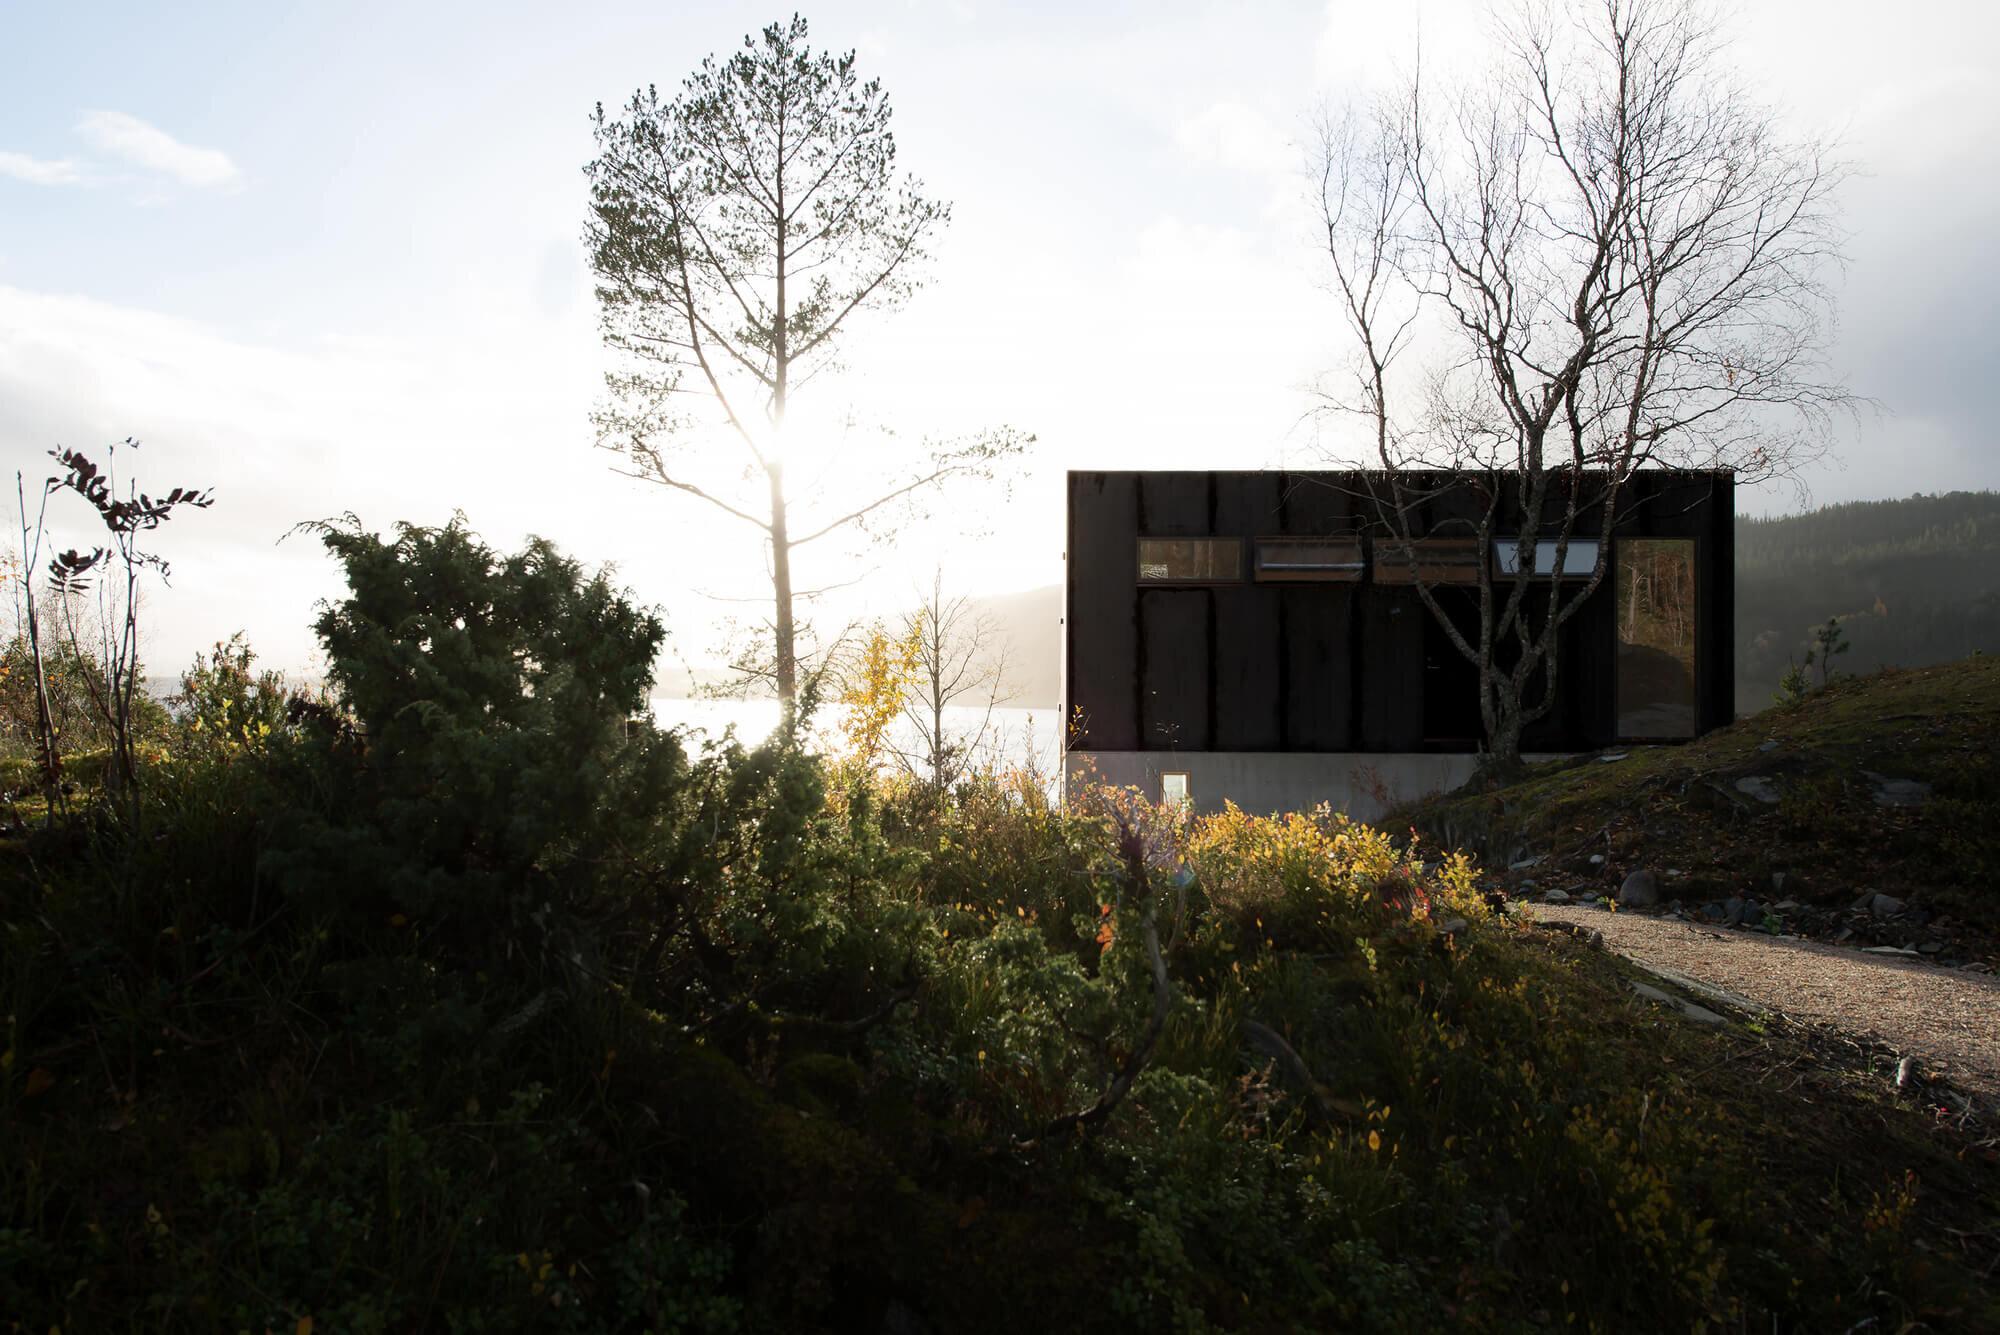 Cabin-Rones-Sanden+Hodnekvam-Architects-Norway-9